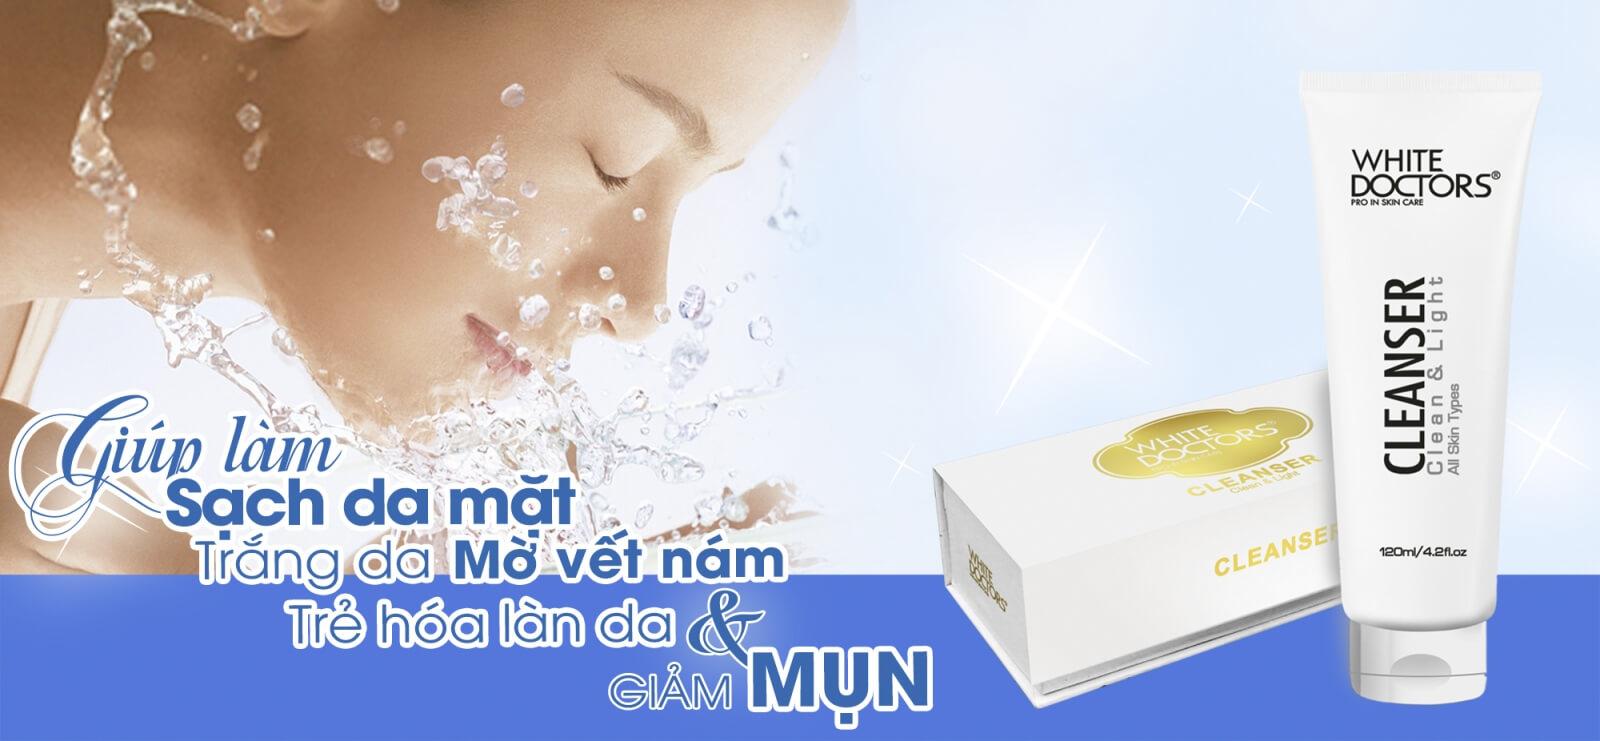 Sữa rửa mặt White Doctors làm sạch sâu giúp làn da dễ dàng hấp thu dưỡng chất từ kem trị nám